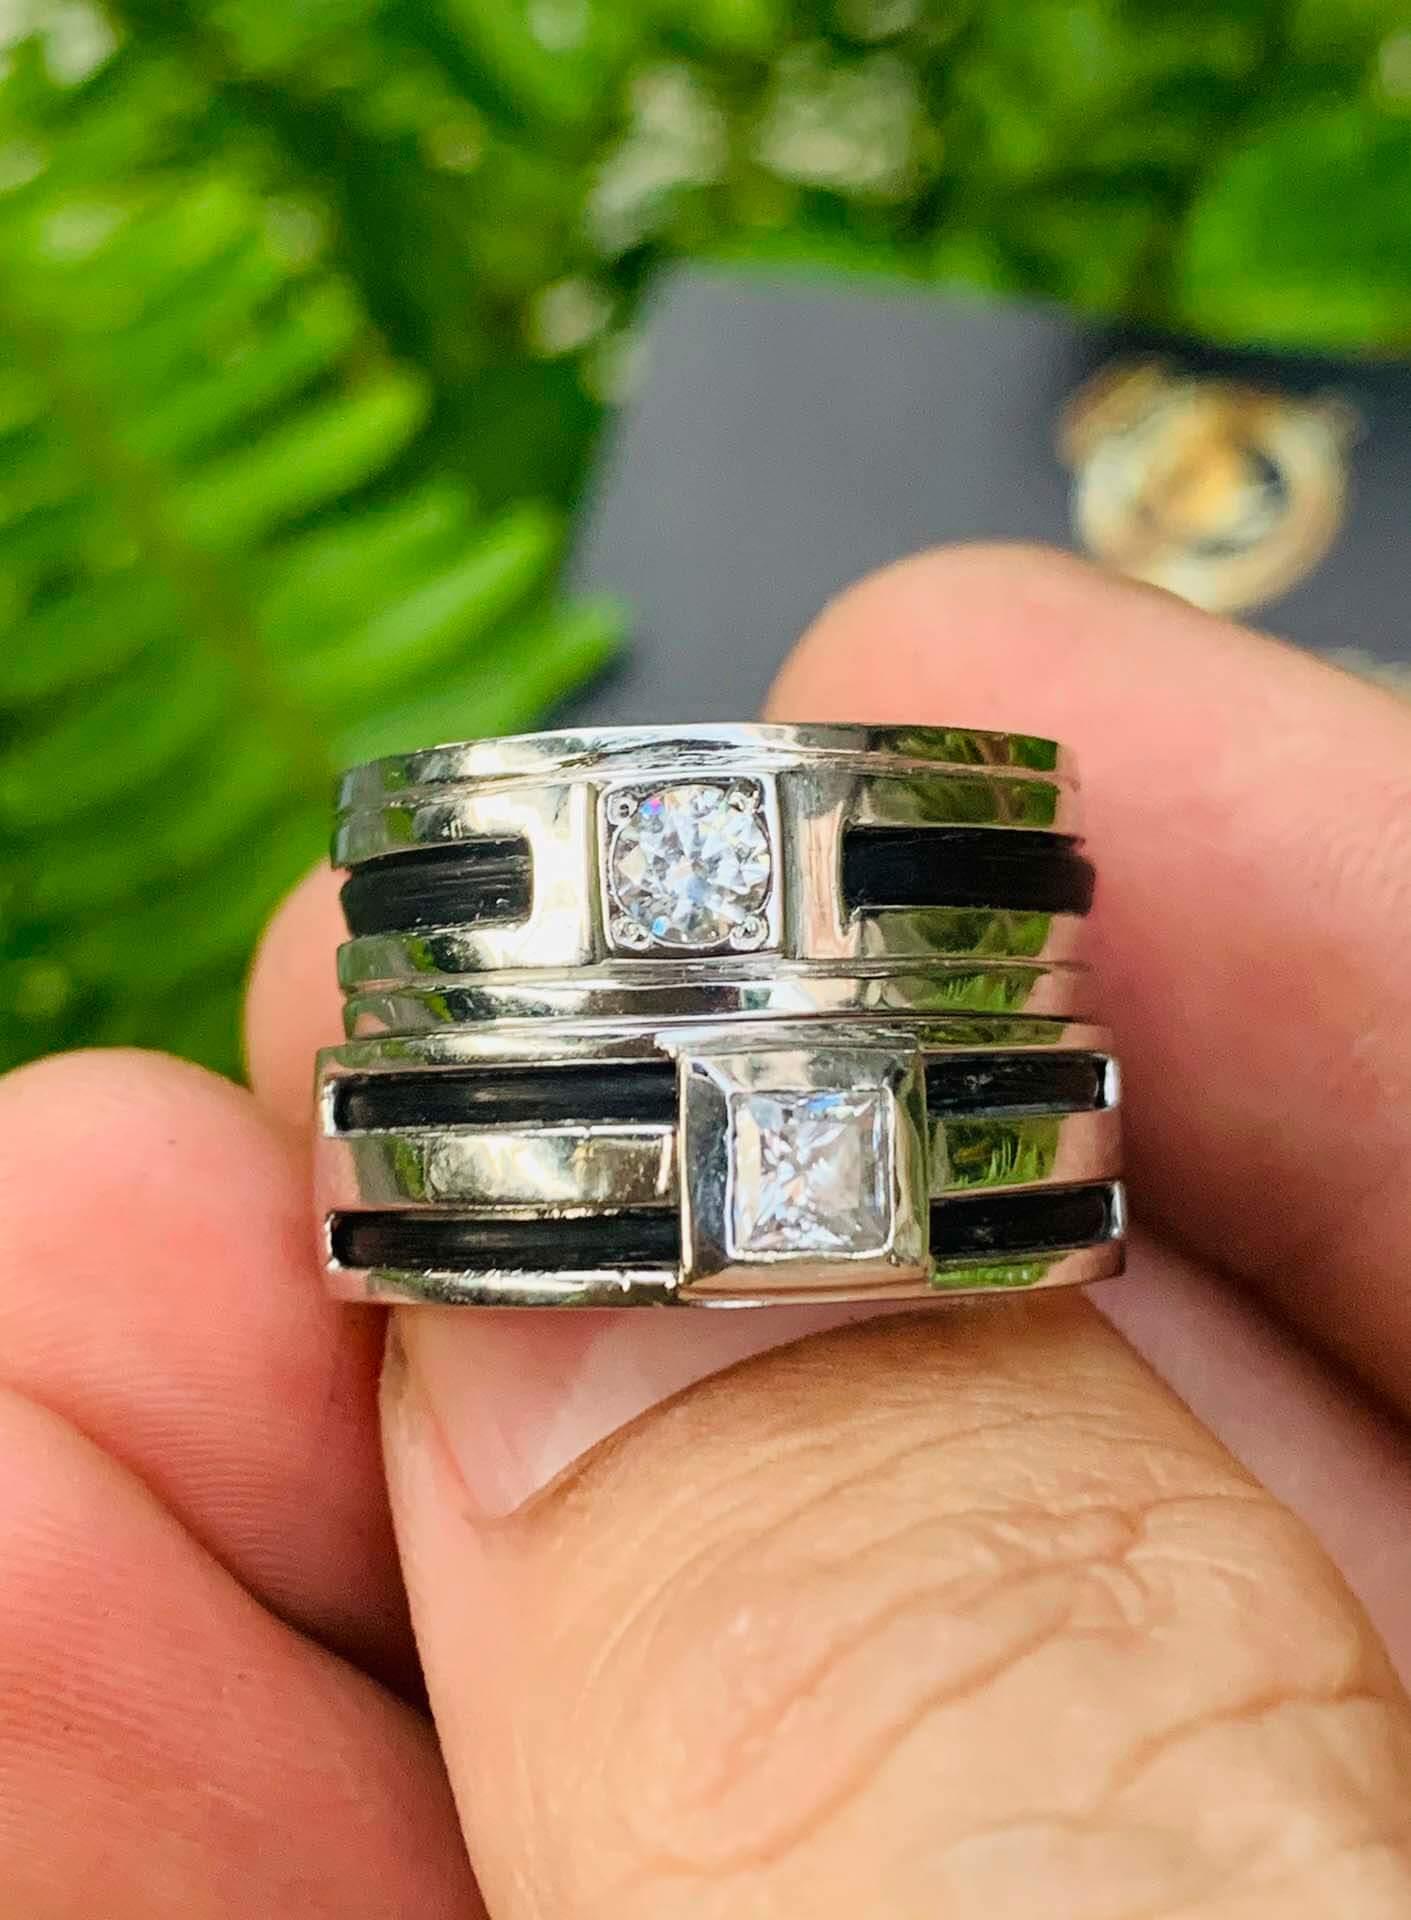 Cặp nhẫn nam vàng trắng phong thủy mệnh Kim - Thủy được đính đá Cz, luồng lông voi sang trọng